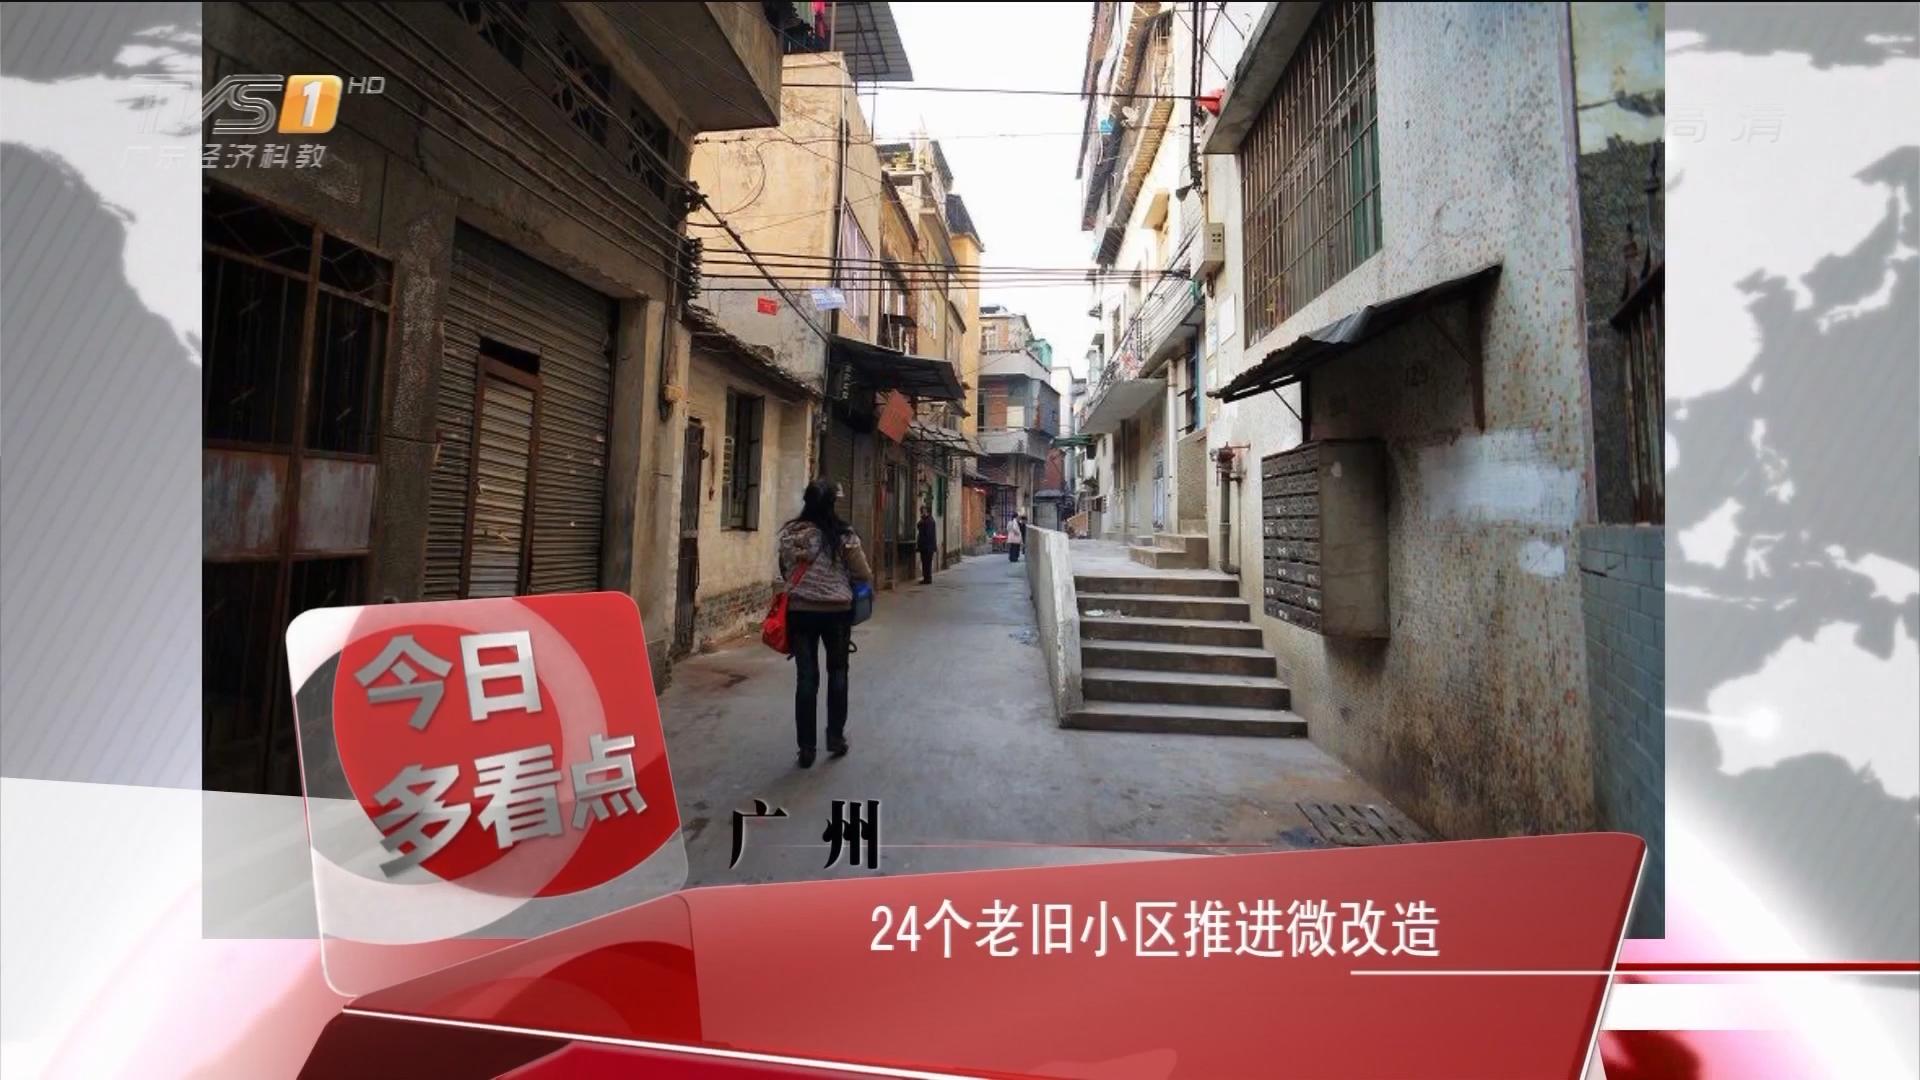 广州:24个老旧小区推进微改造